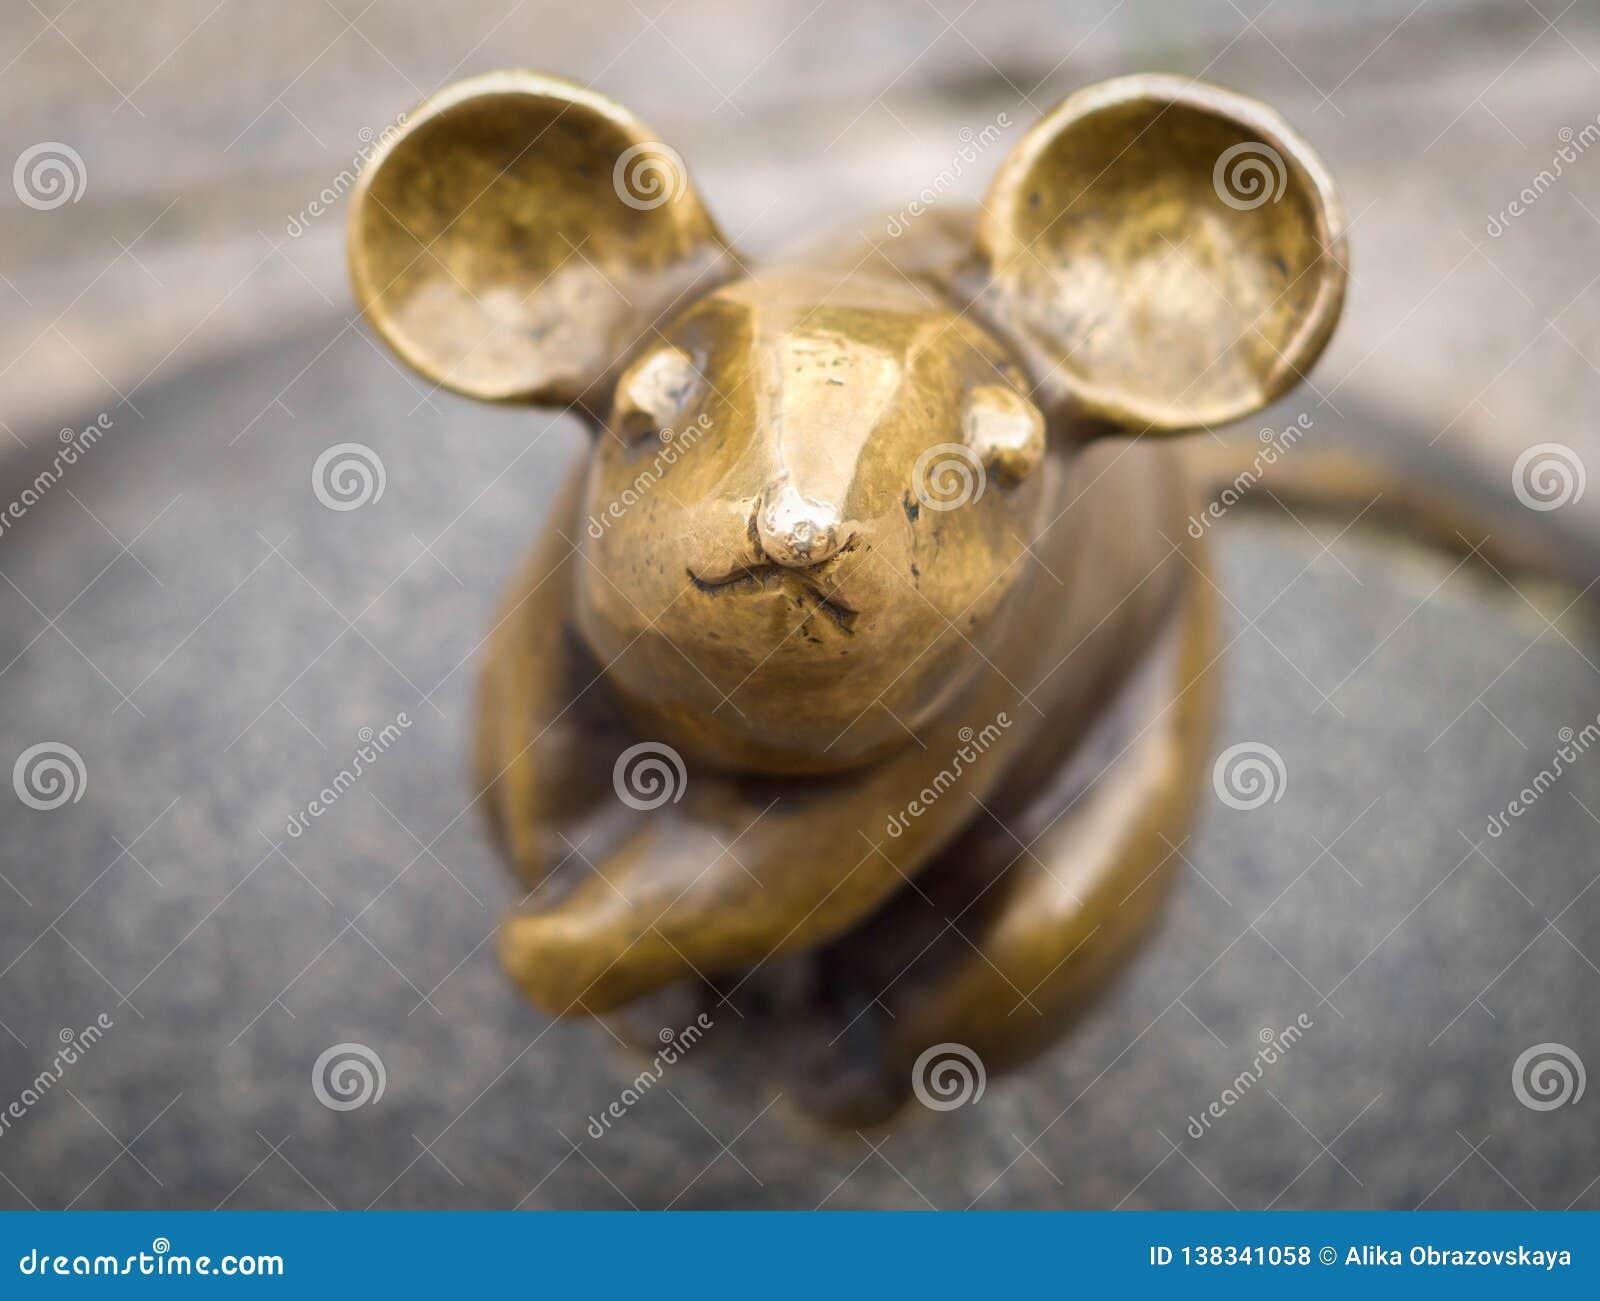 Um close-up da escultura do rato com os grandes escultores S das orelhas Plotnikov e S Yurkus que executa desejos no cobbled